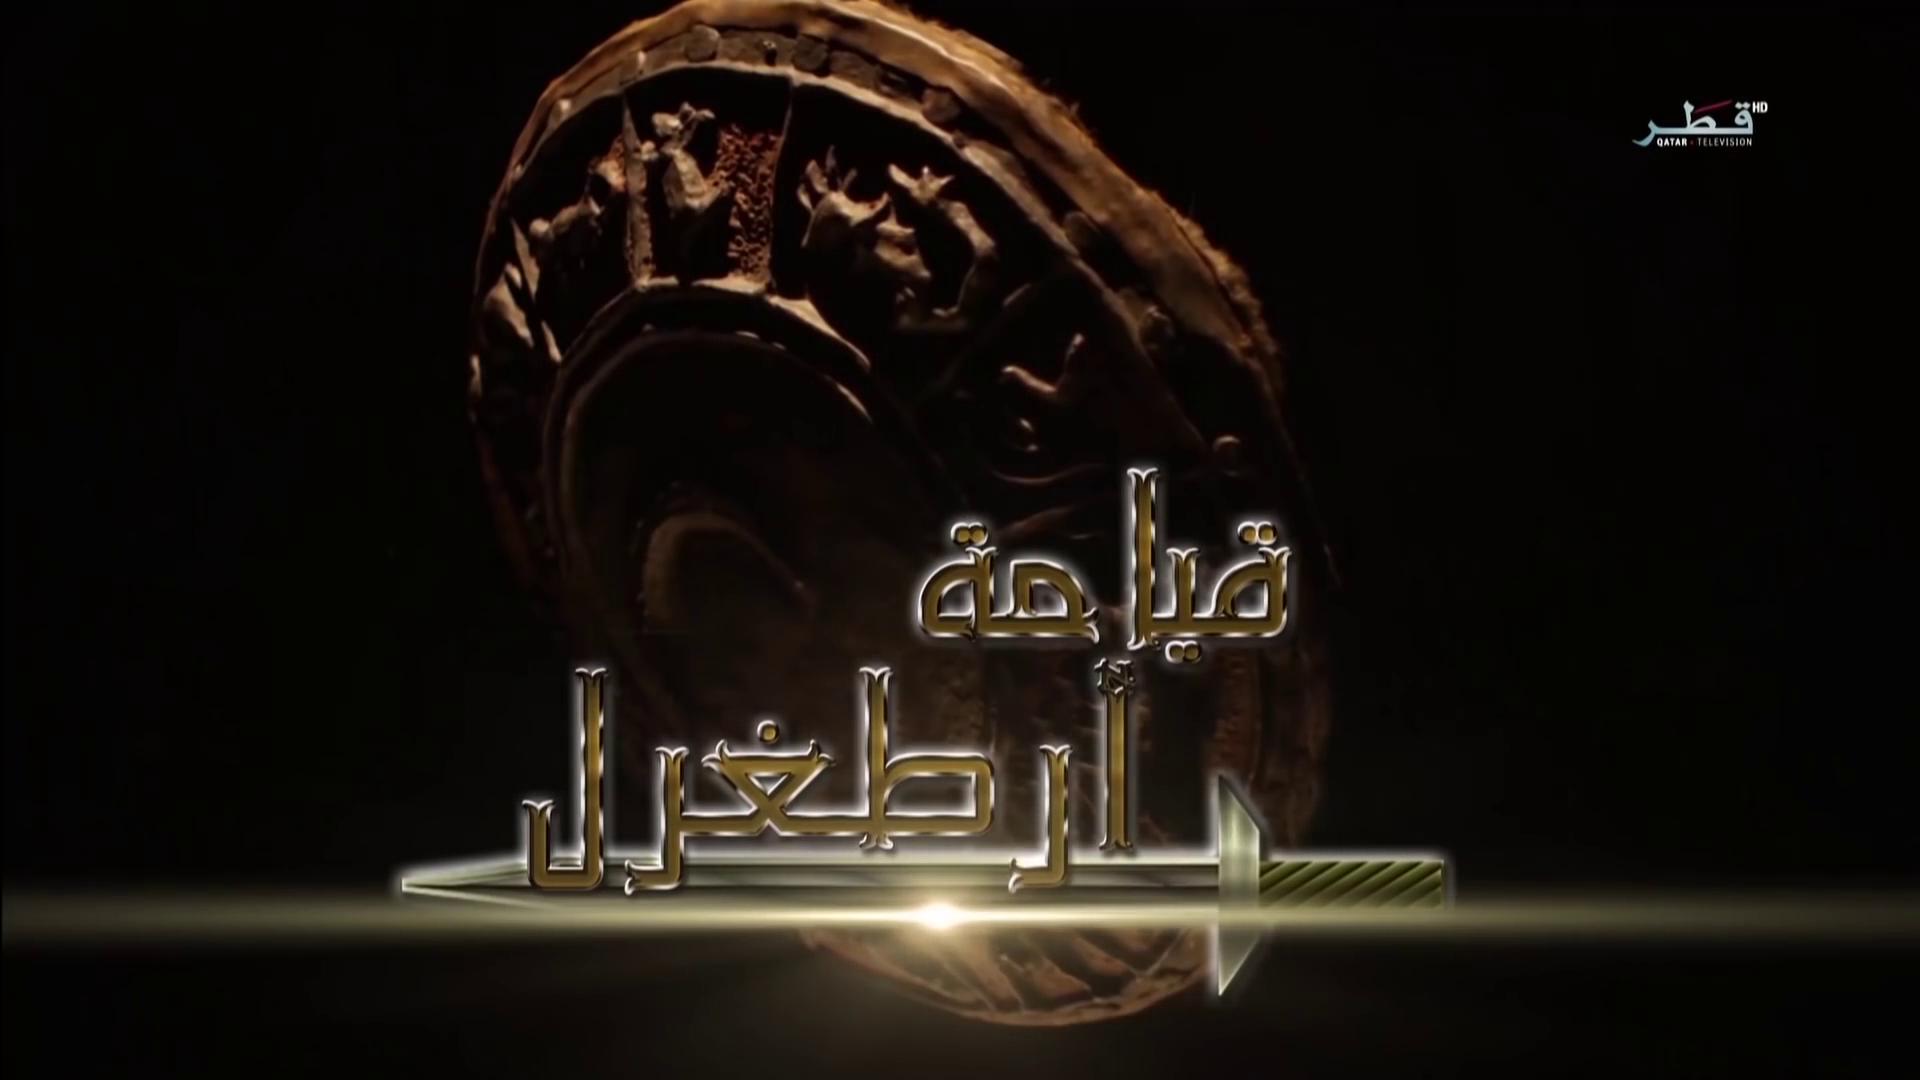 مسلسل قيامة أرطغرل [كامل الحلقات والمواسم] (مدبلج) ج1 || FHDTV 1080p تحميل تورنت 9 arabp2p.com